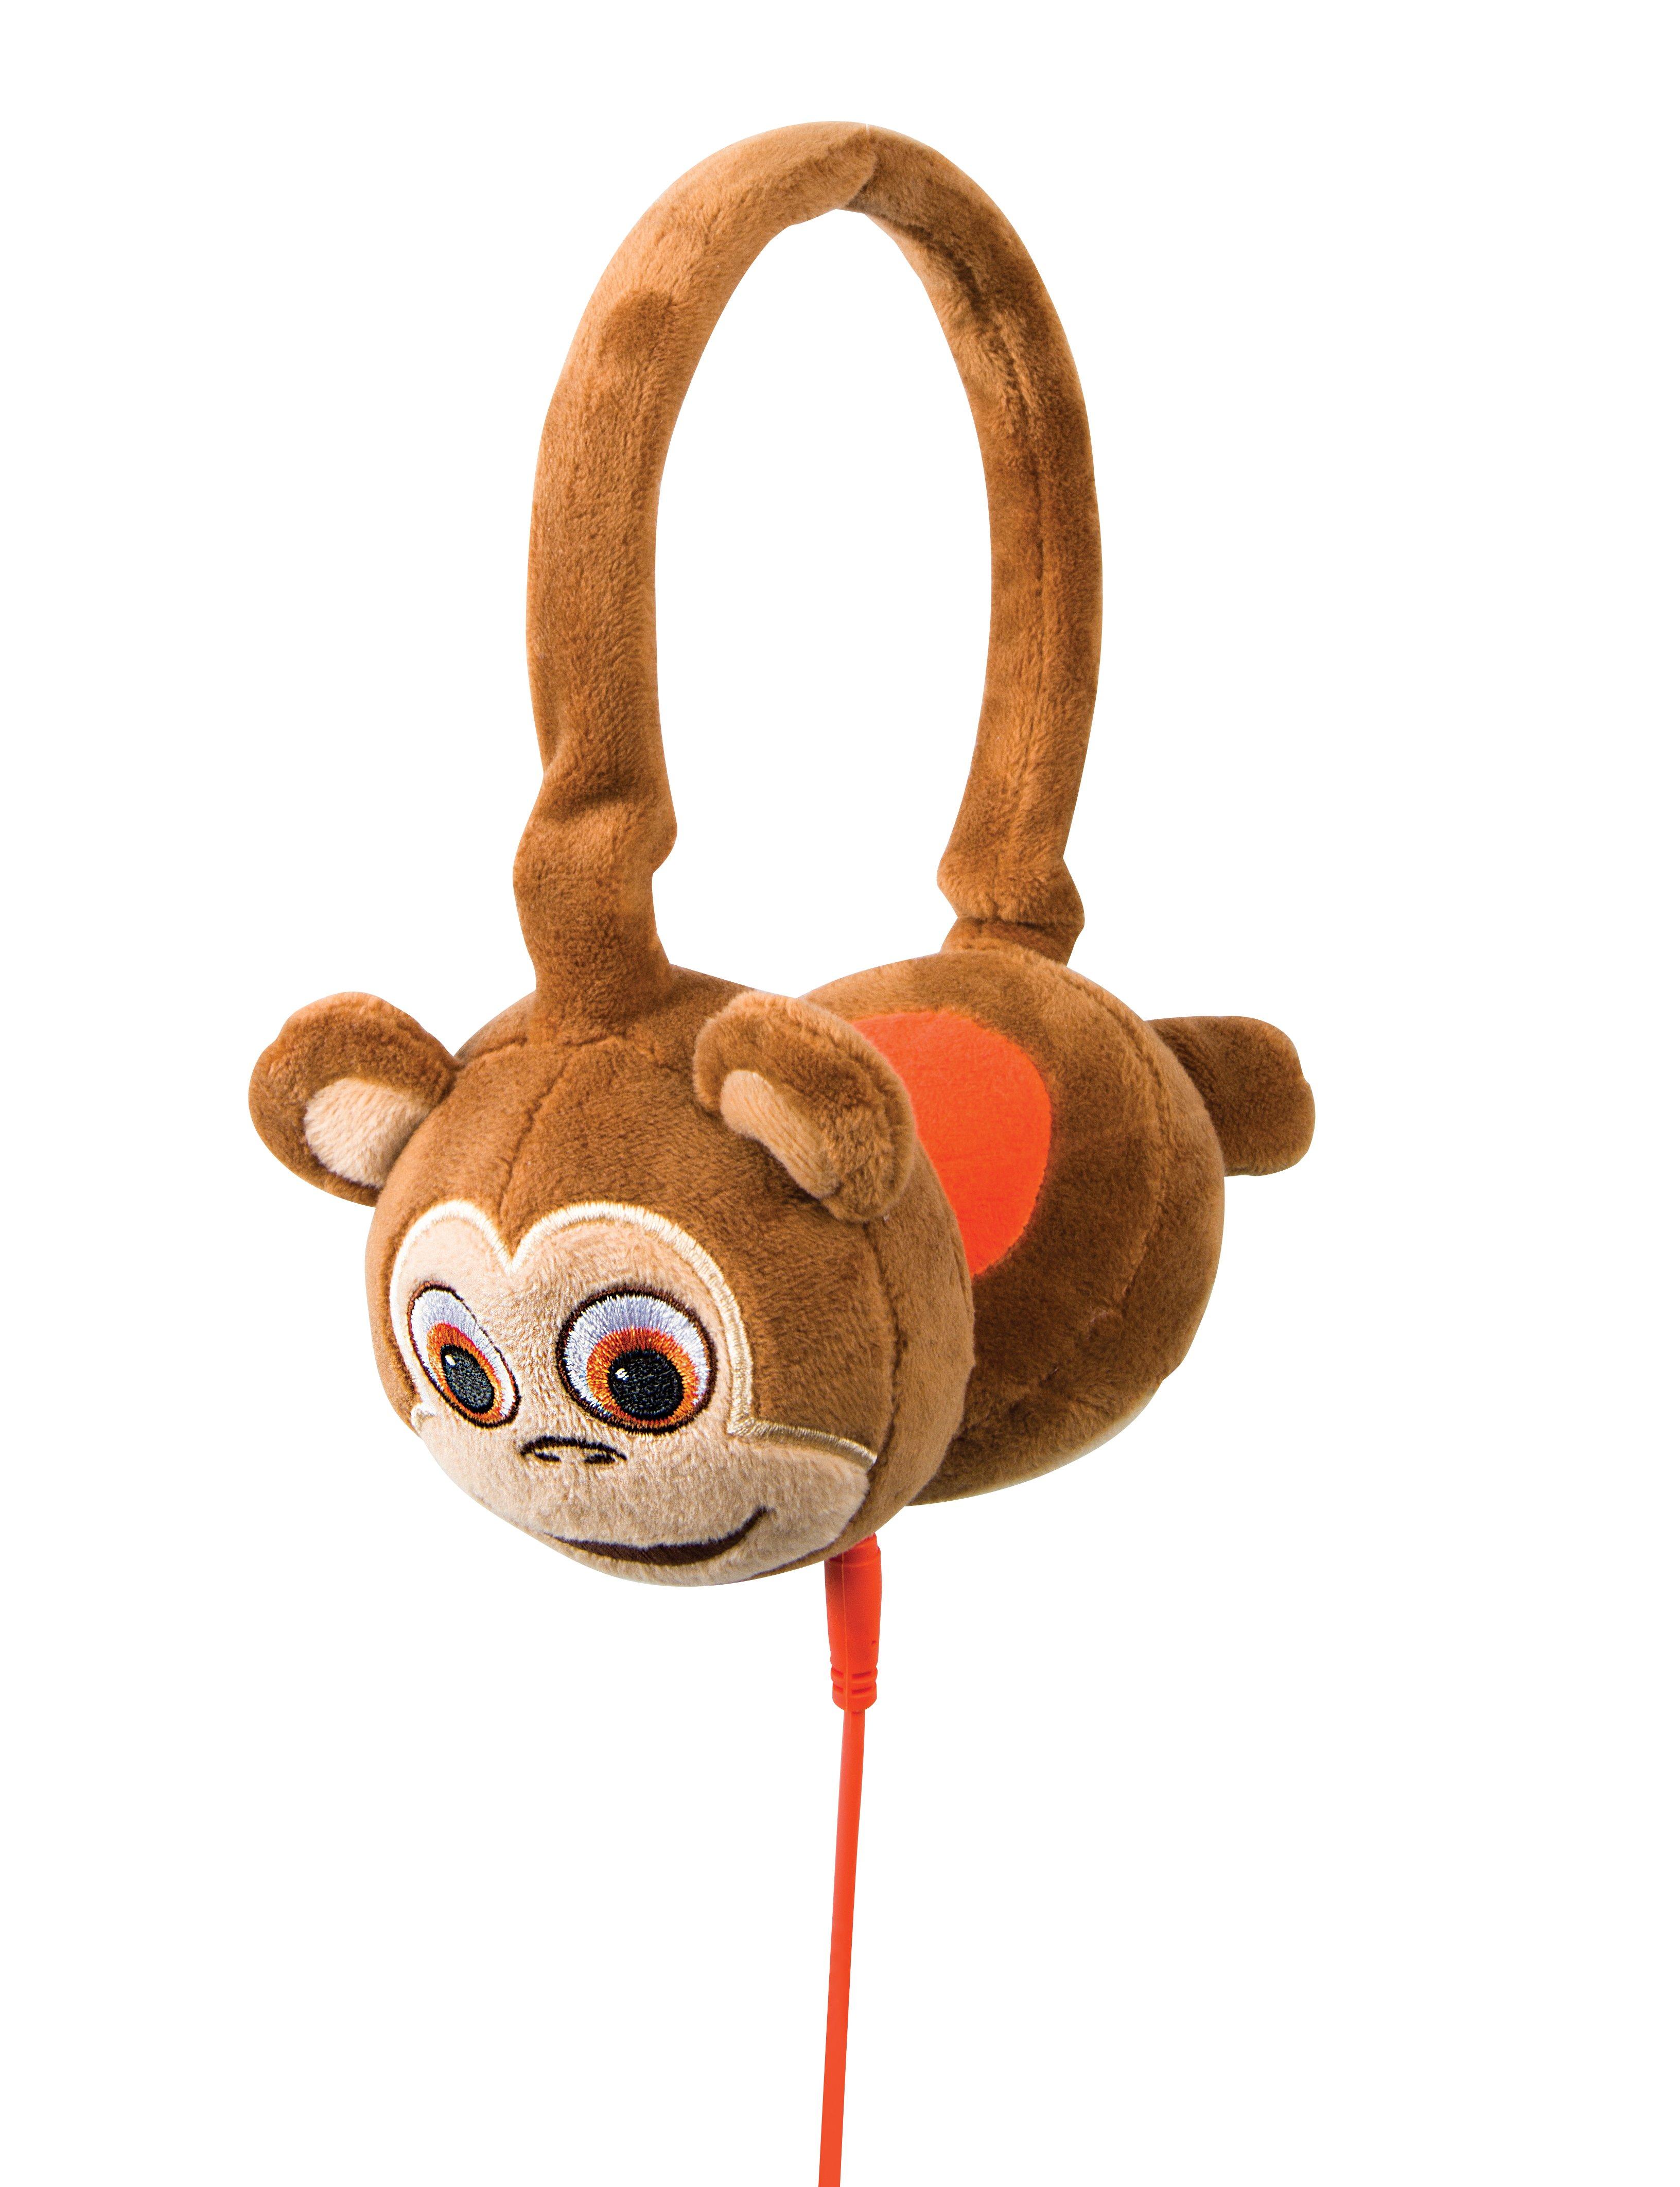 TabZoo Headphone Plush Monkey Image